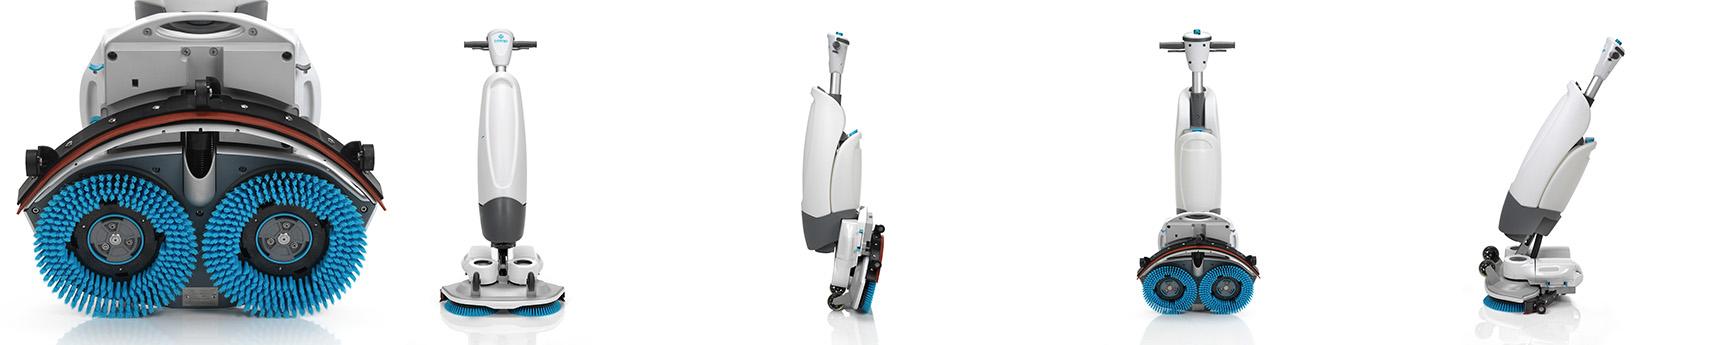 Fregadora IMOP un nuevo concepto de limpieza - Interclym